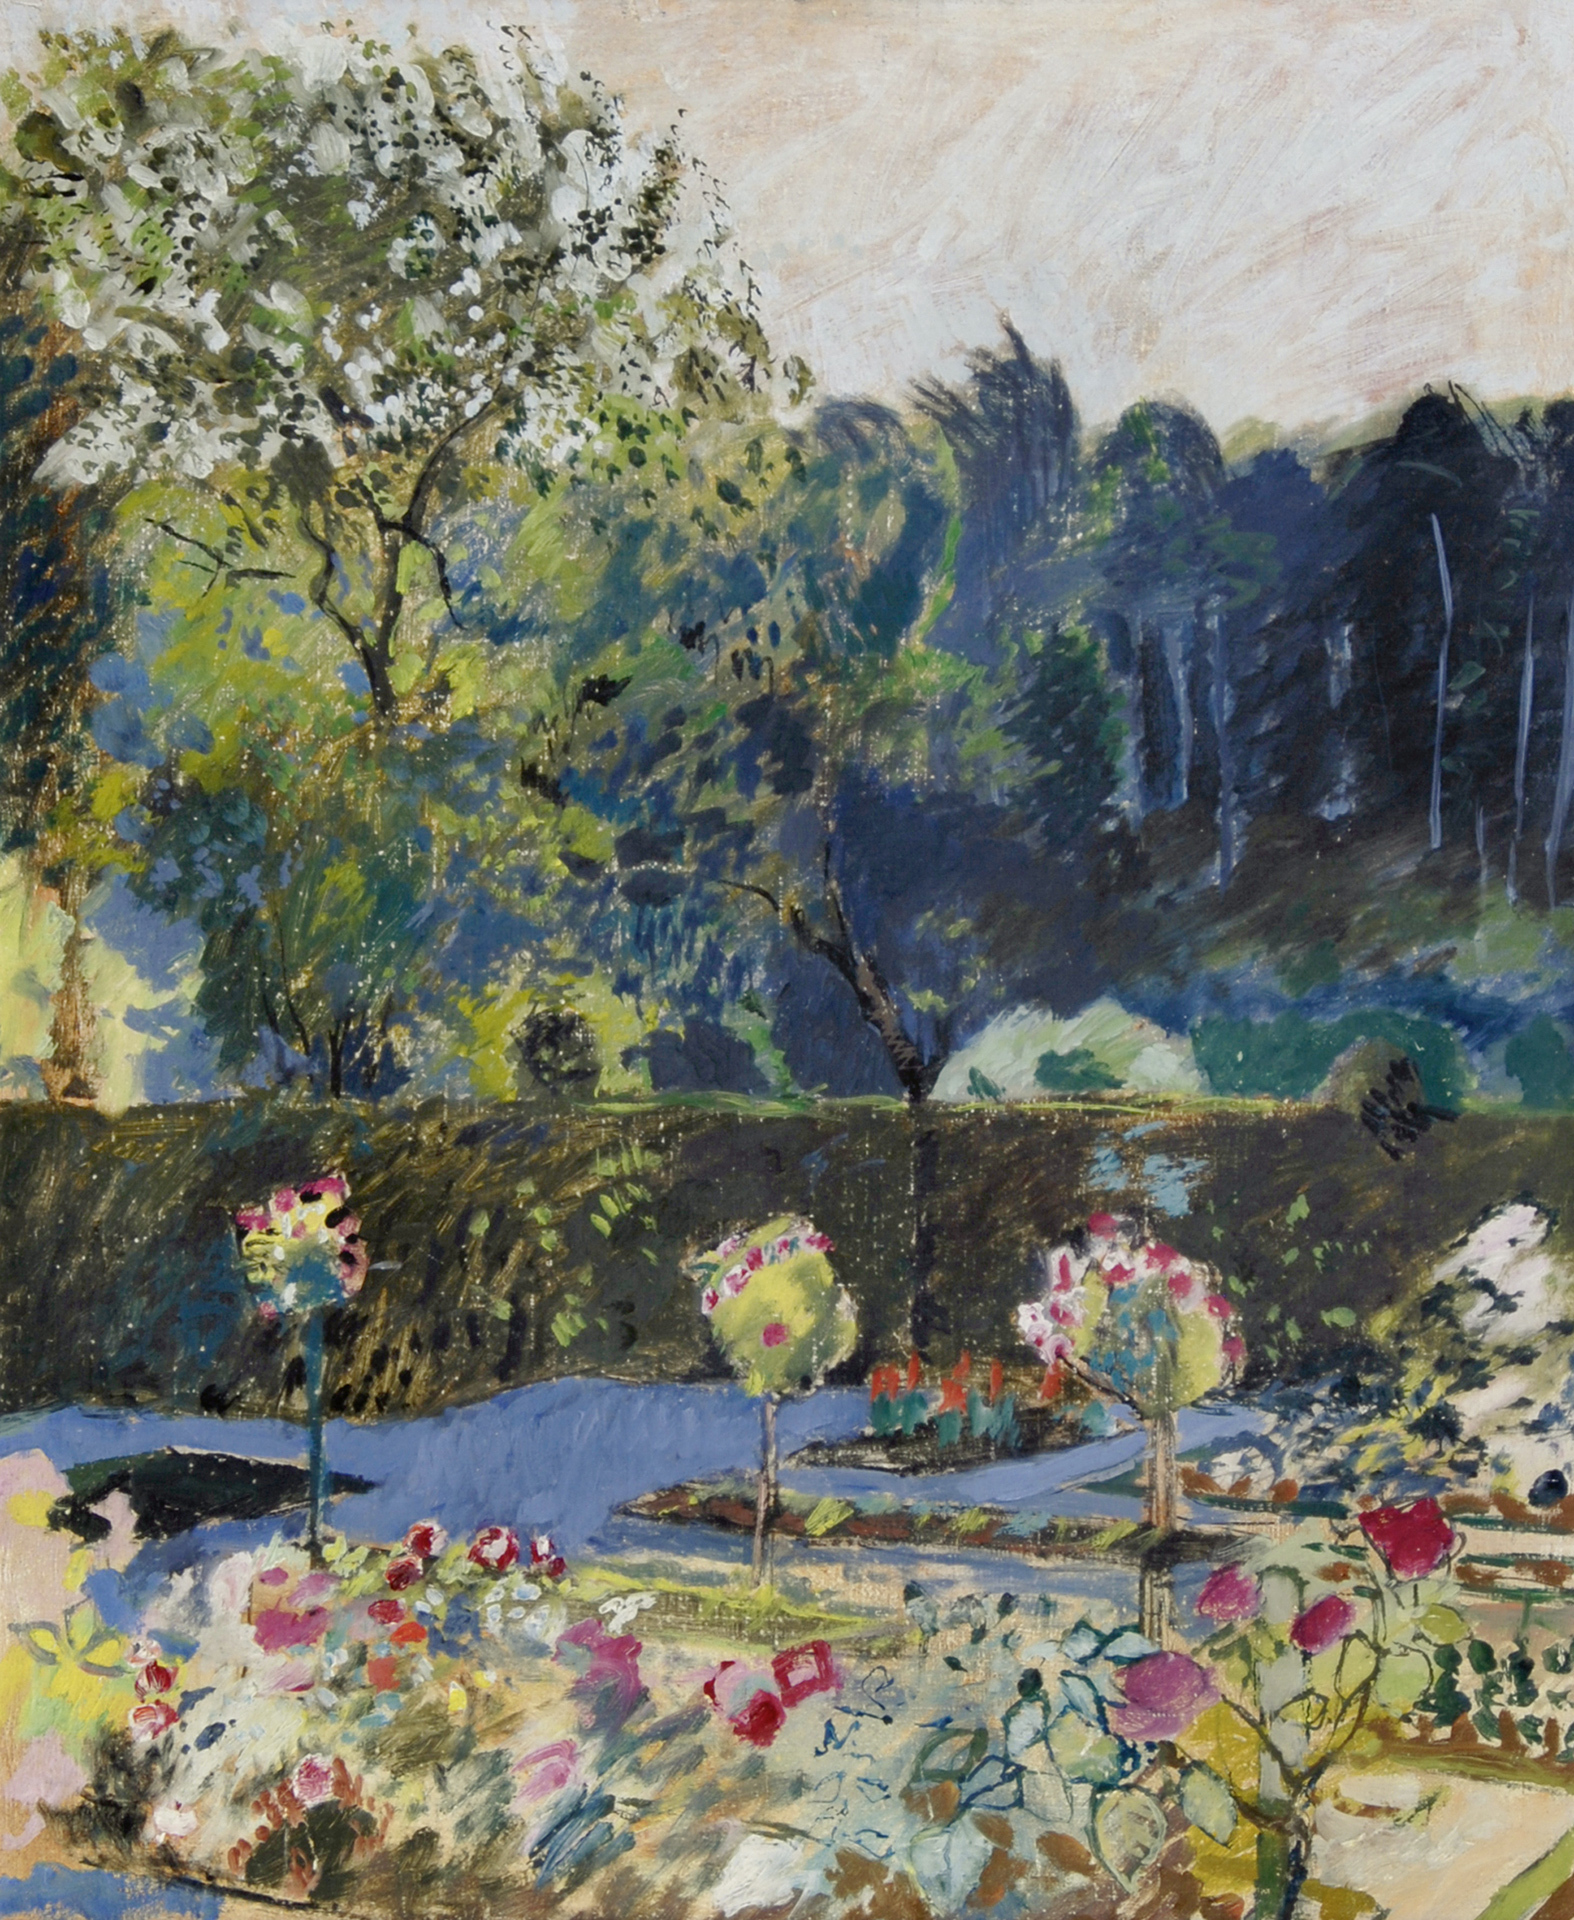 Amiet Cuno, Garten mit Wald